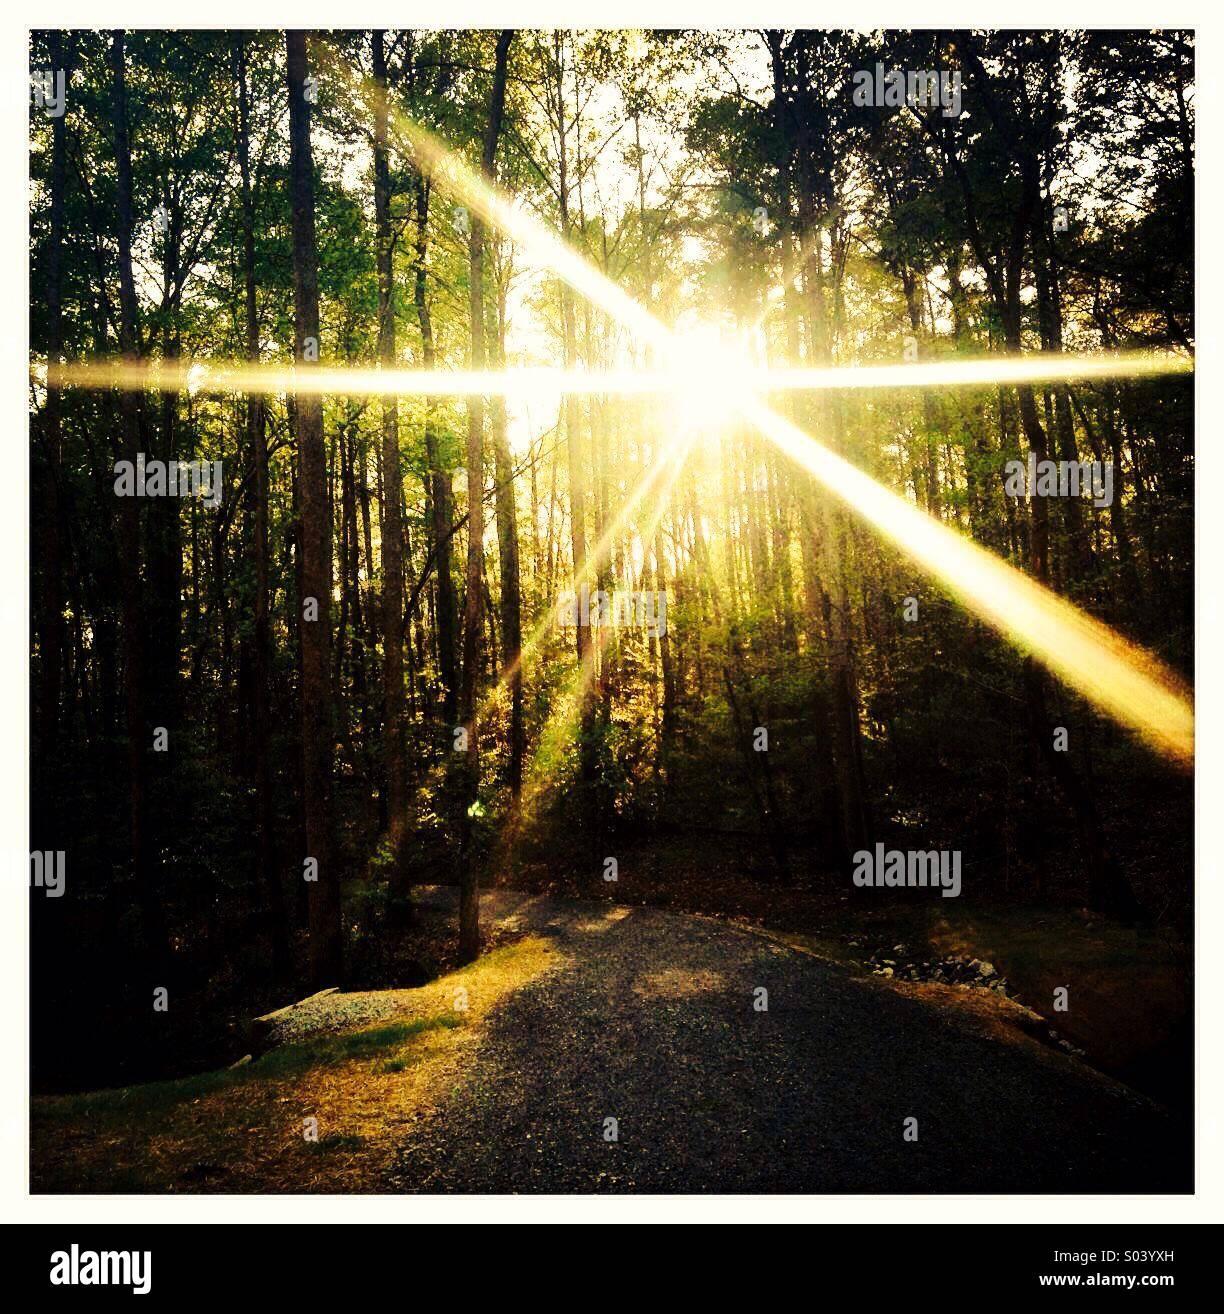 La luz del sol que entra a través de los árboles en el bosque Foto de stock